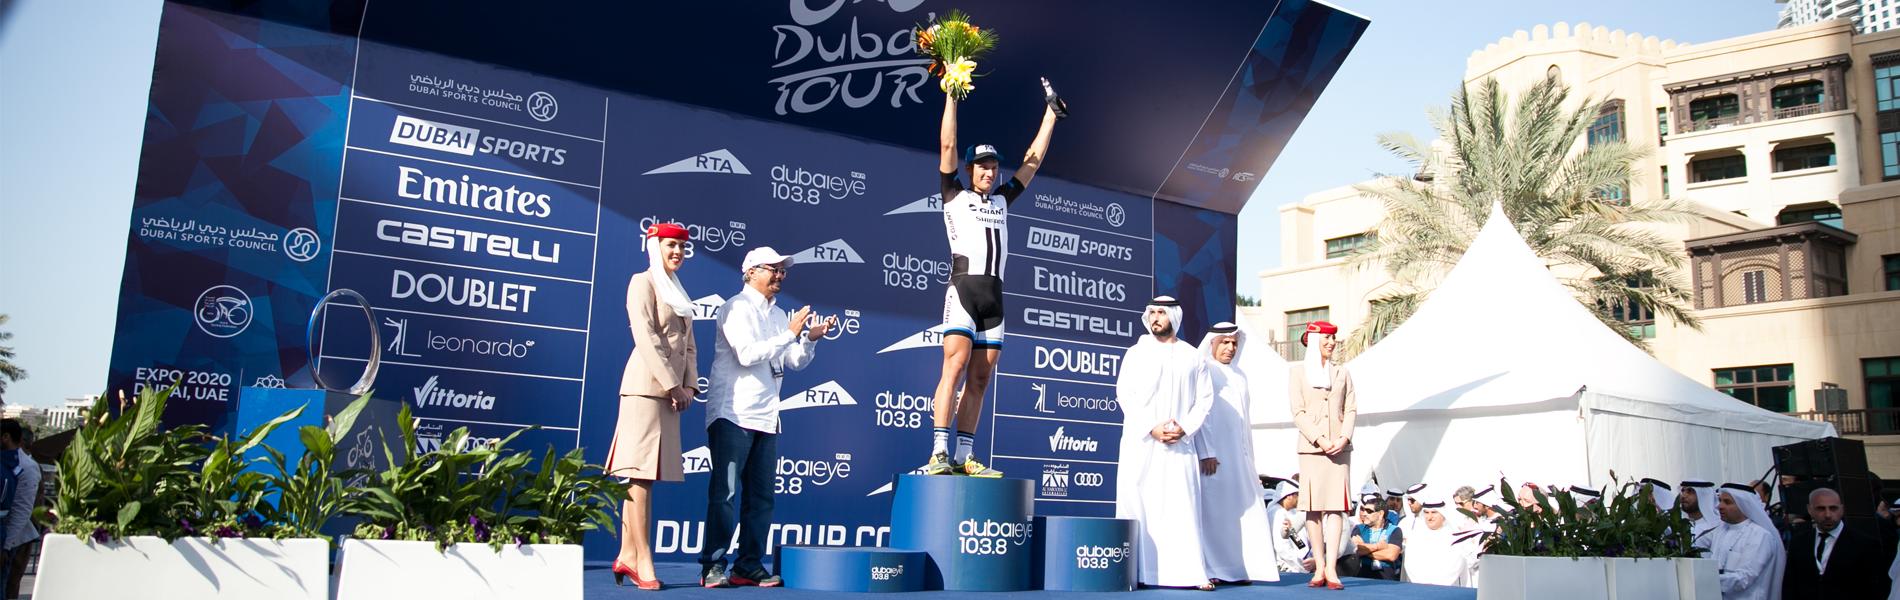 Dubai-Tour 2014